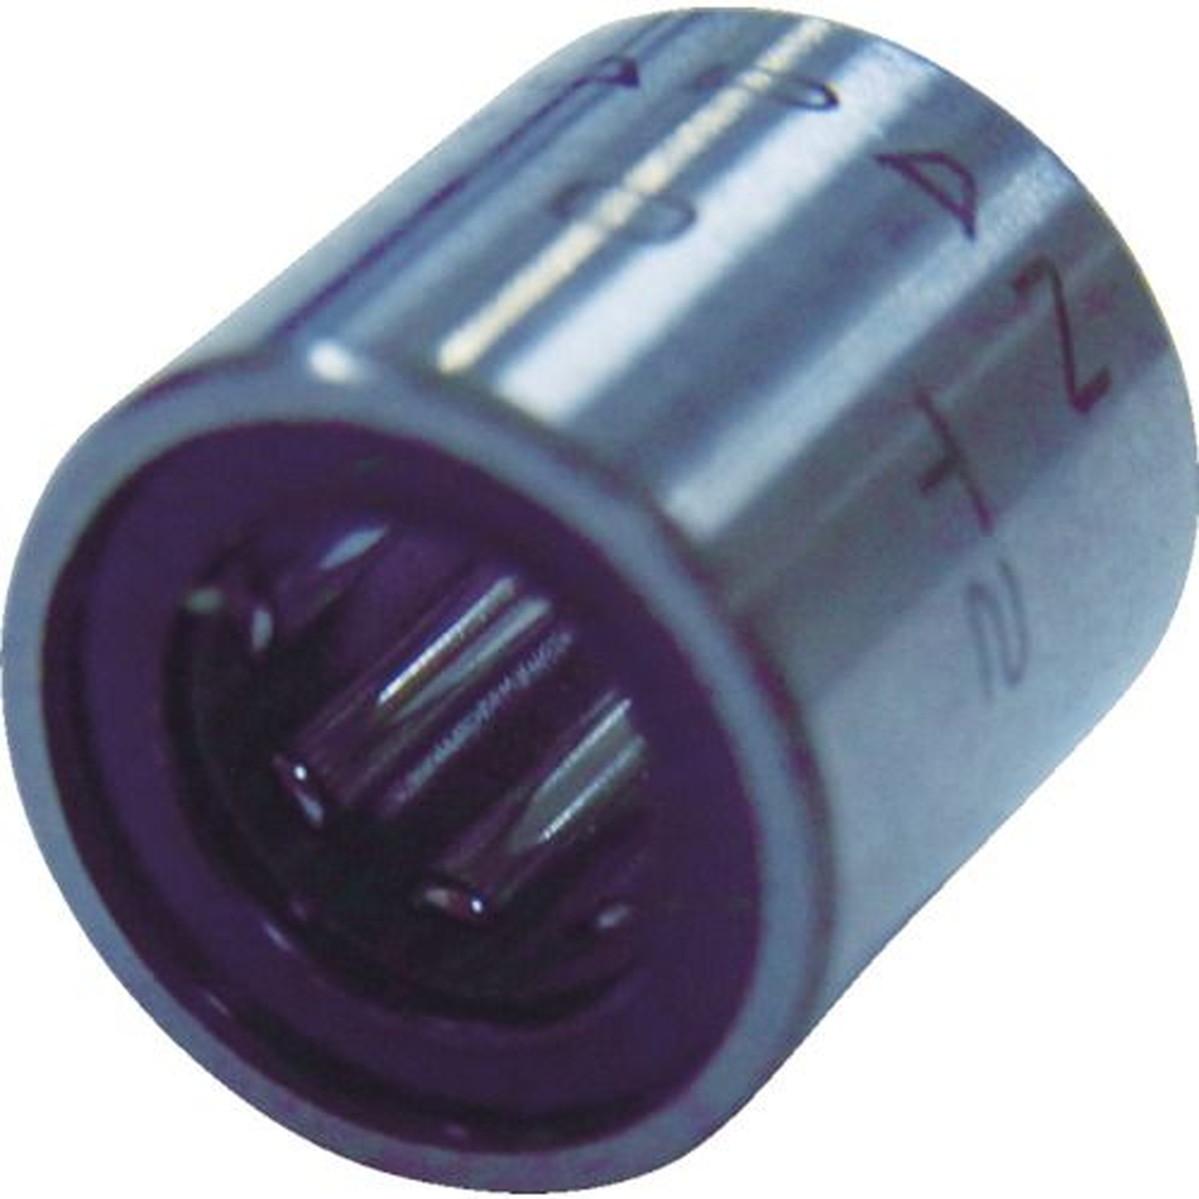 あす楽対応 DIY用品 NTN F ニードルベアリング 内輪径32mm外輪径42mm幅20mm 売れ筋ランキング 好評受付中 内輪なし 1個